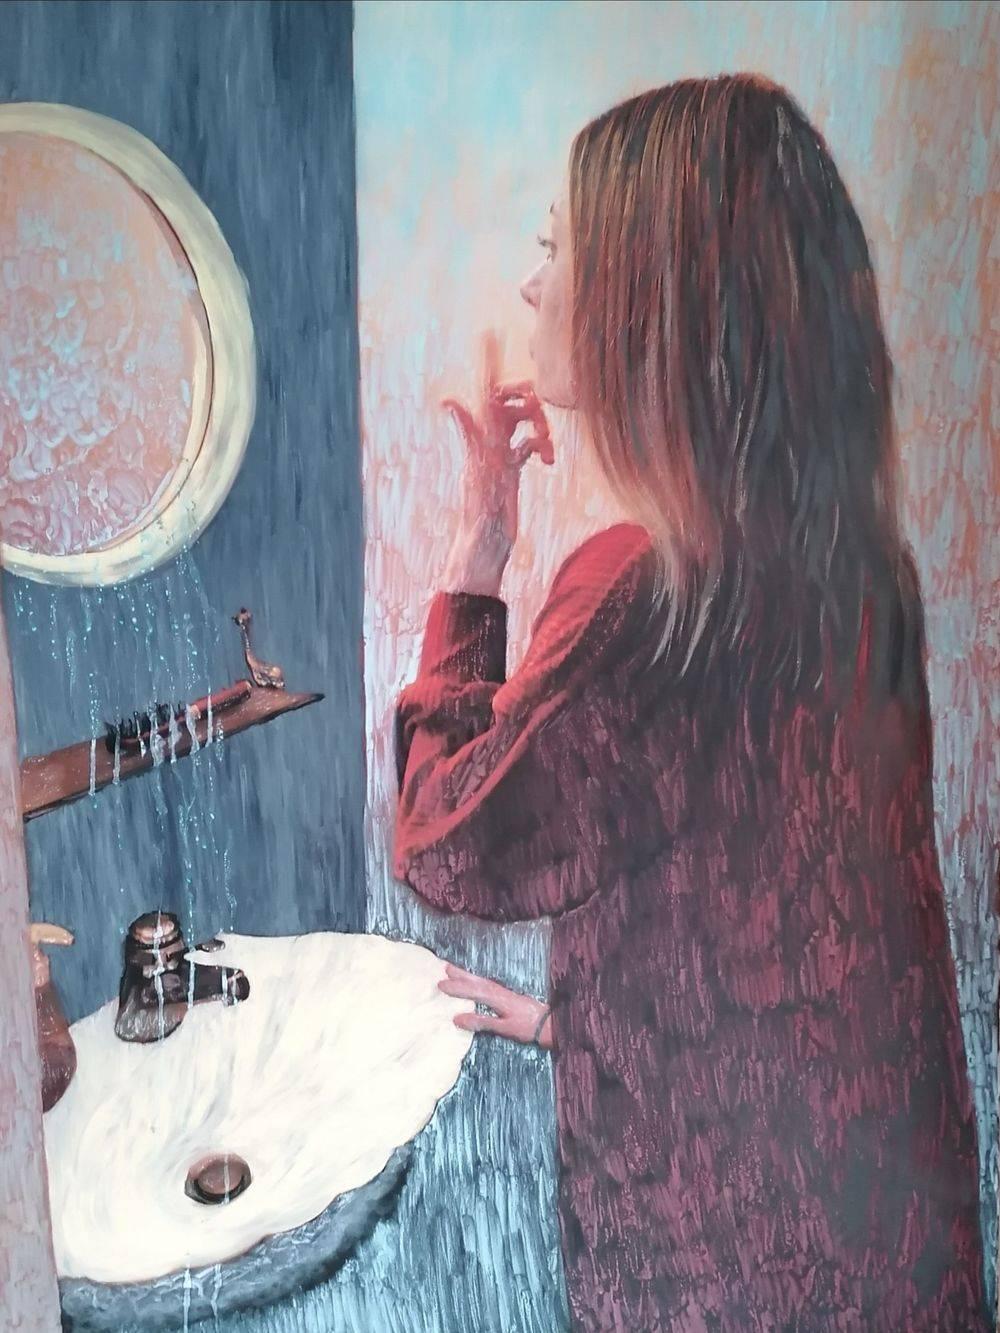 Aquarelle, Peinture à l'huile, Pierre-Auguste Renoir, Femme, Portrait, Histoire de l'art